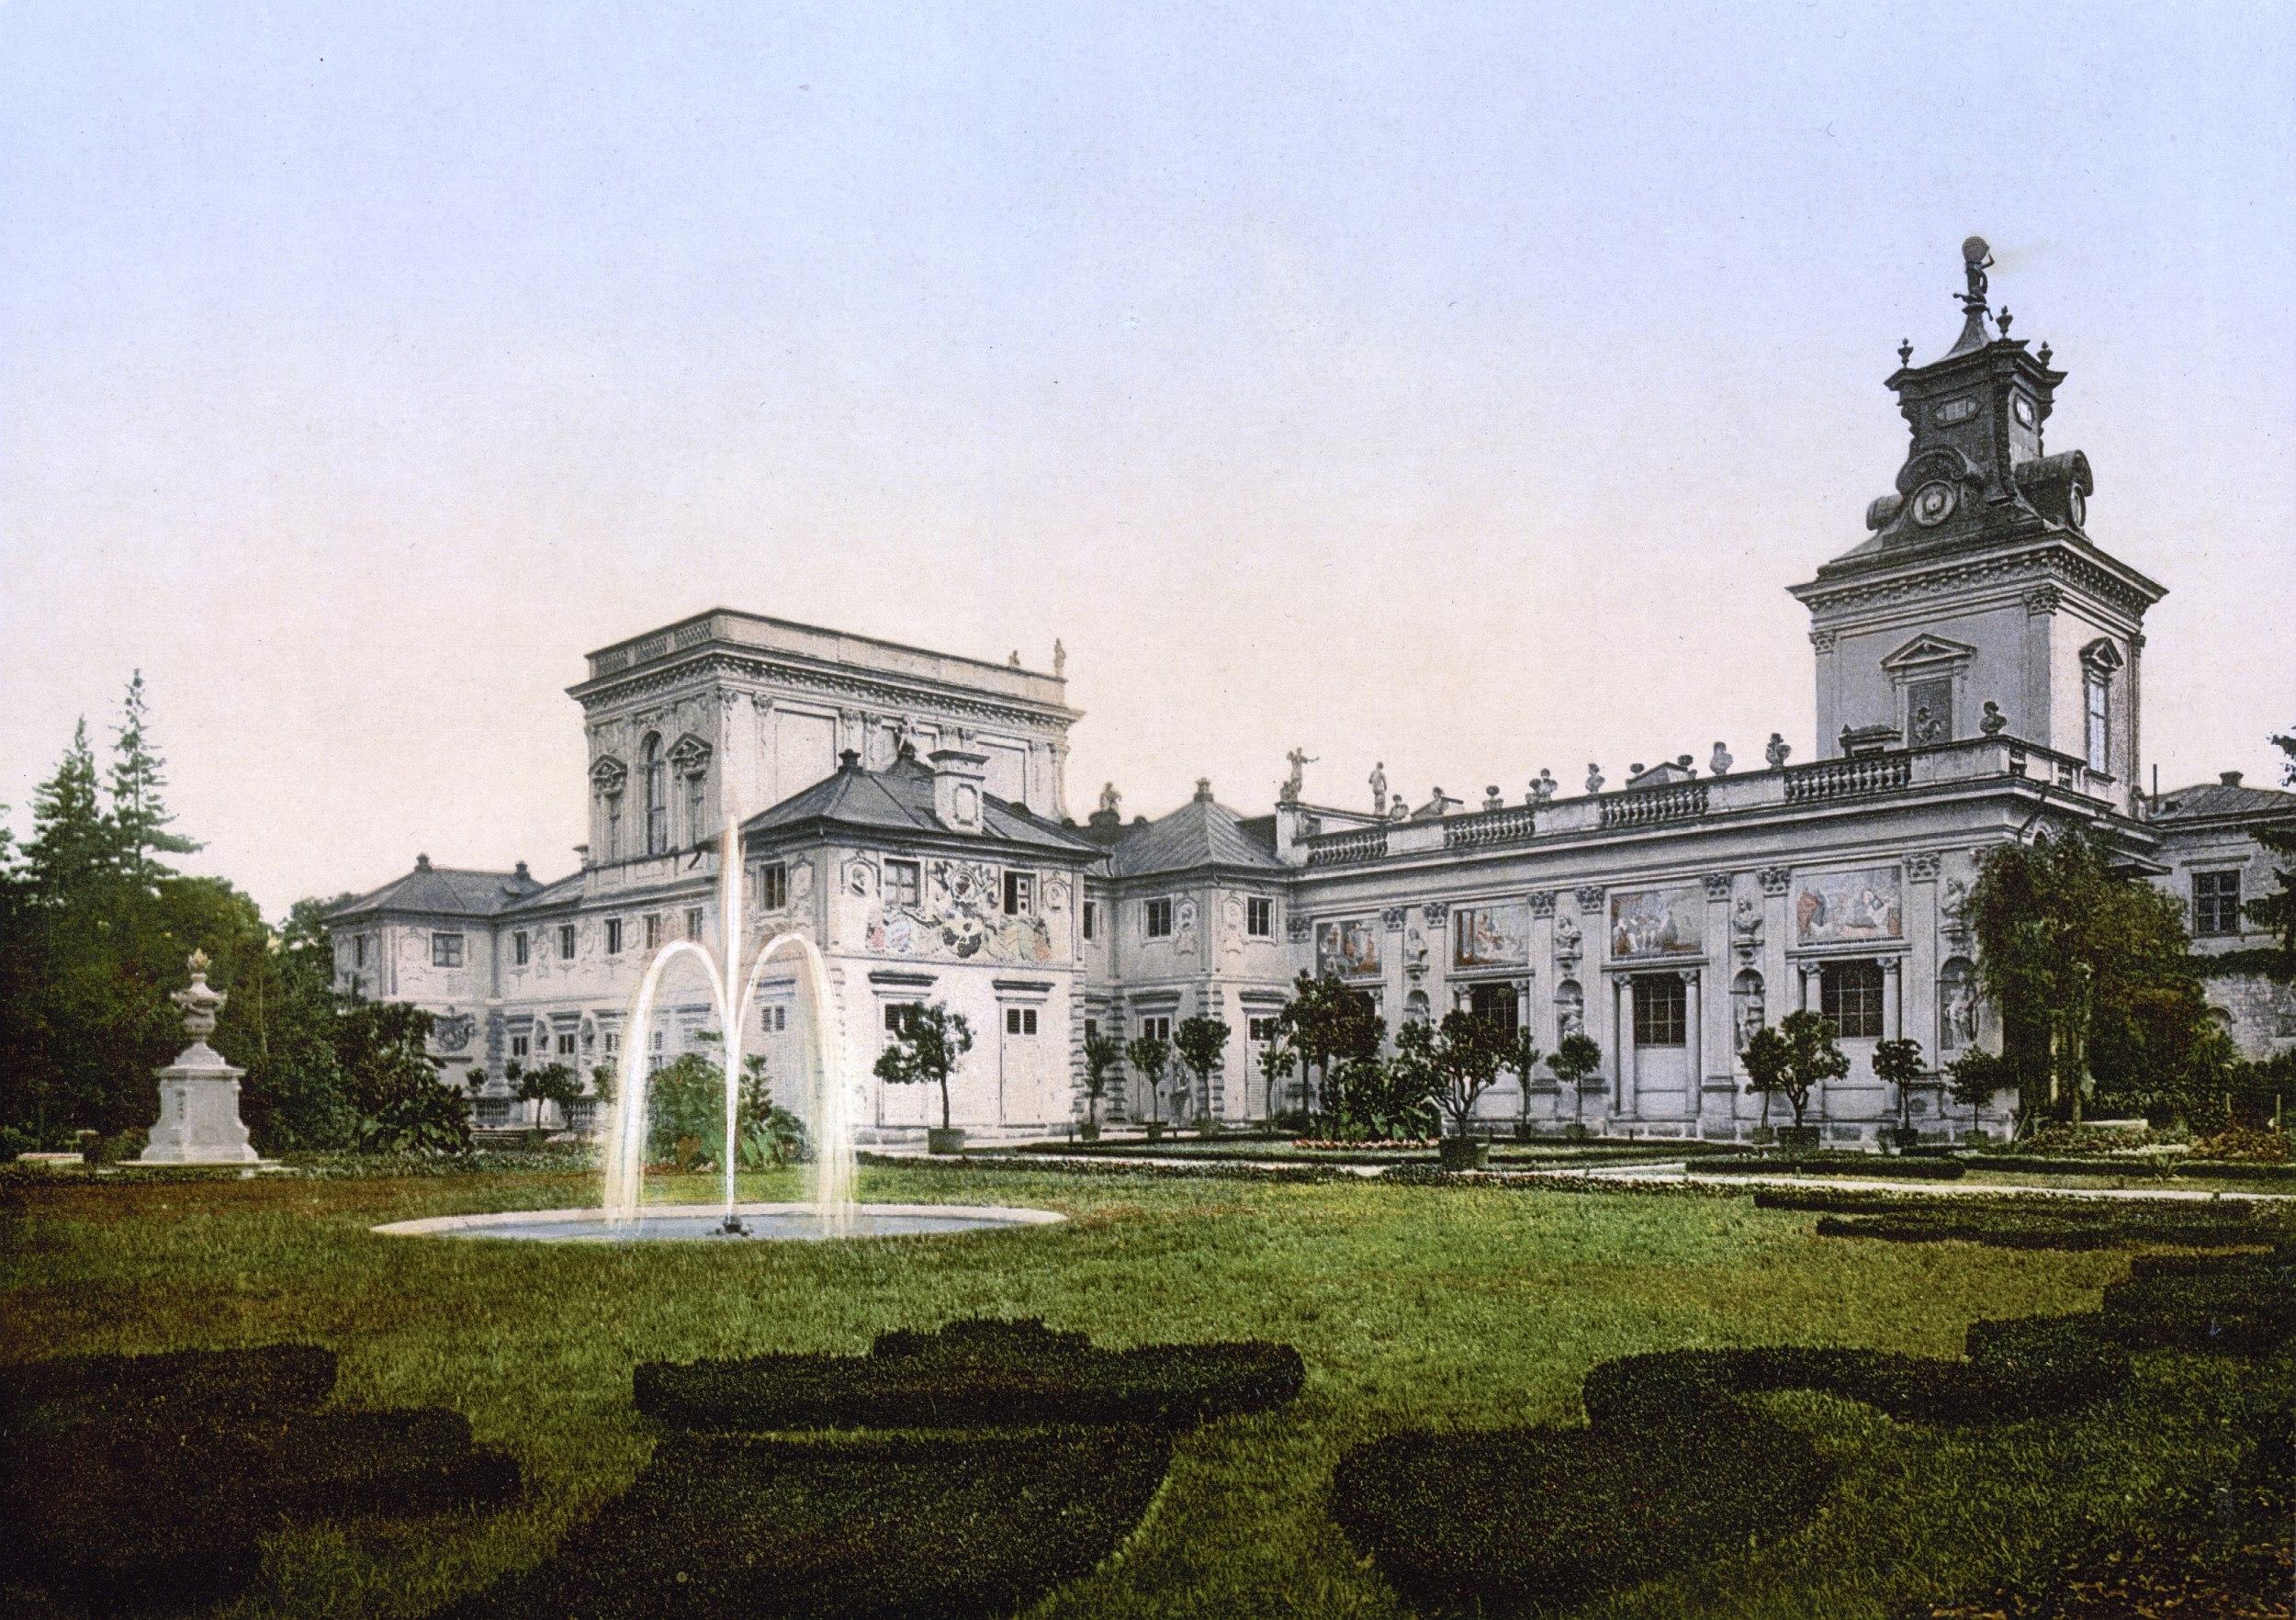 Pałac w Wilanowie na przełomie XIX i XX wieku (fot. autor nieznany / domena publiczna / wikimedia.org)